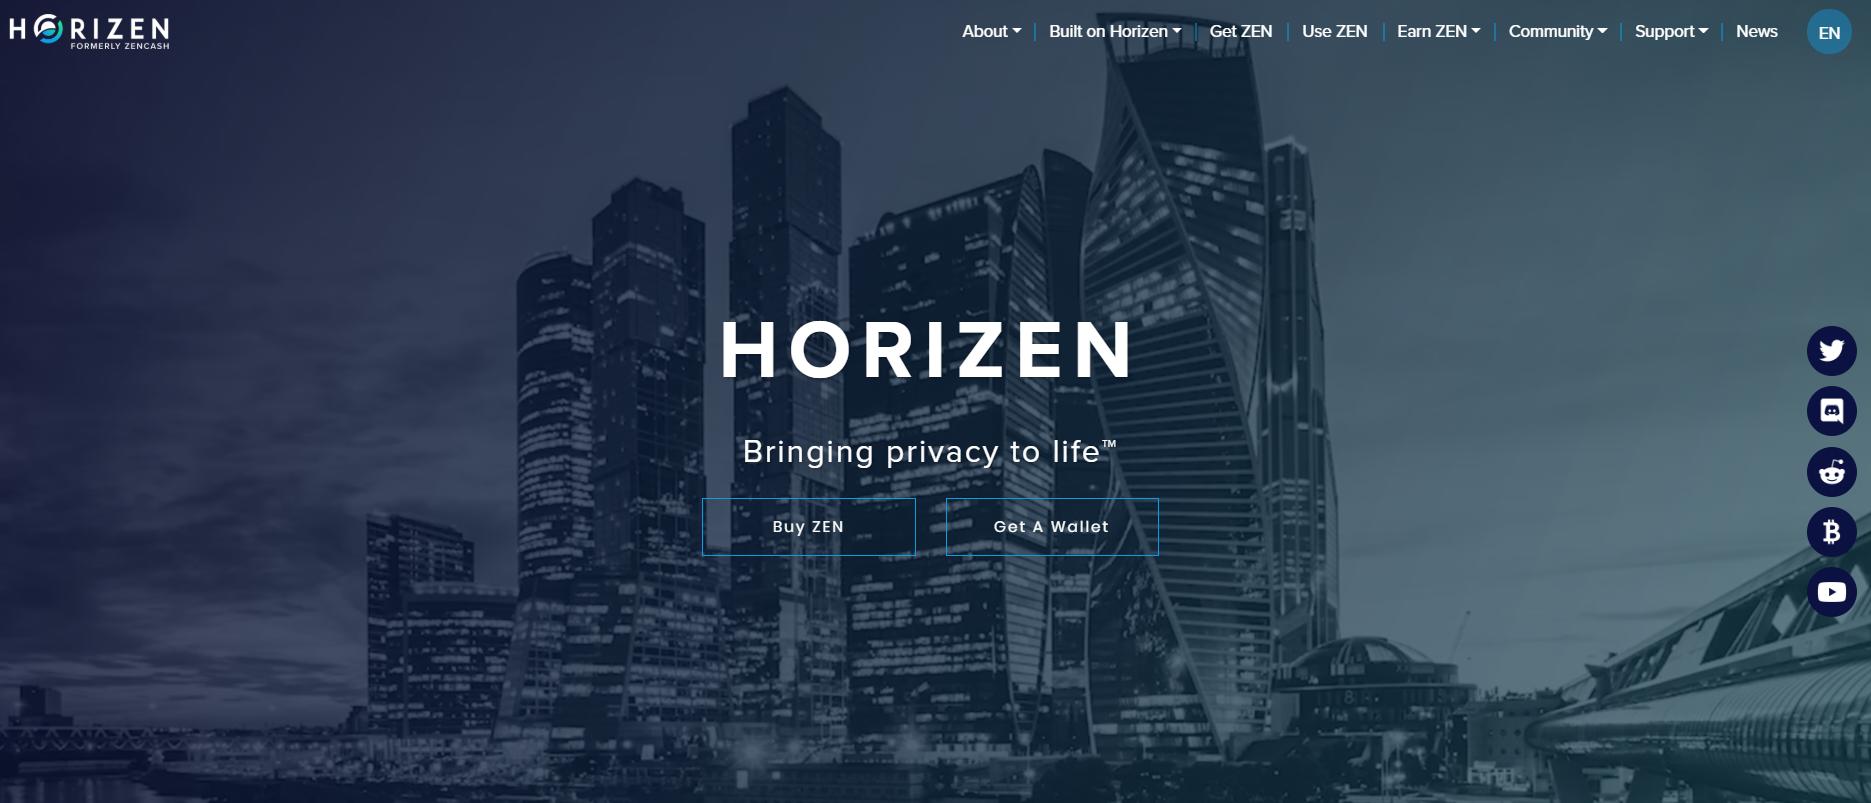 Horizen (ZEN)